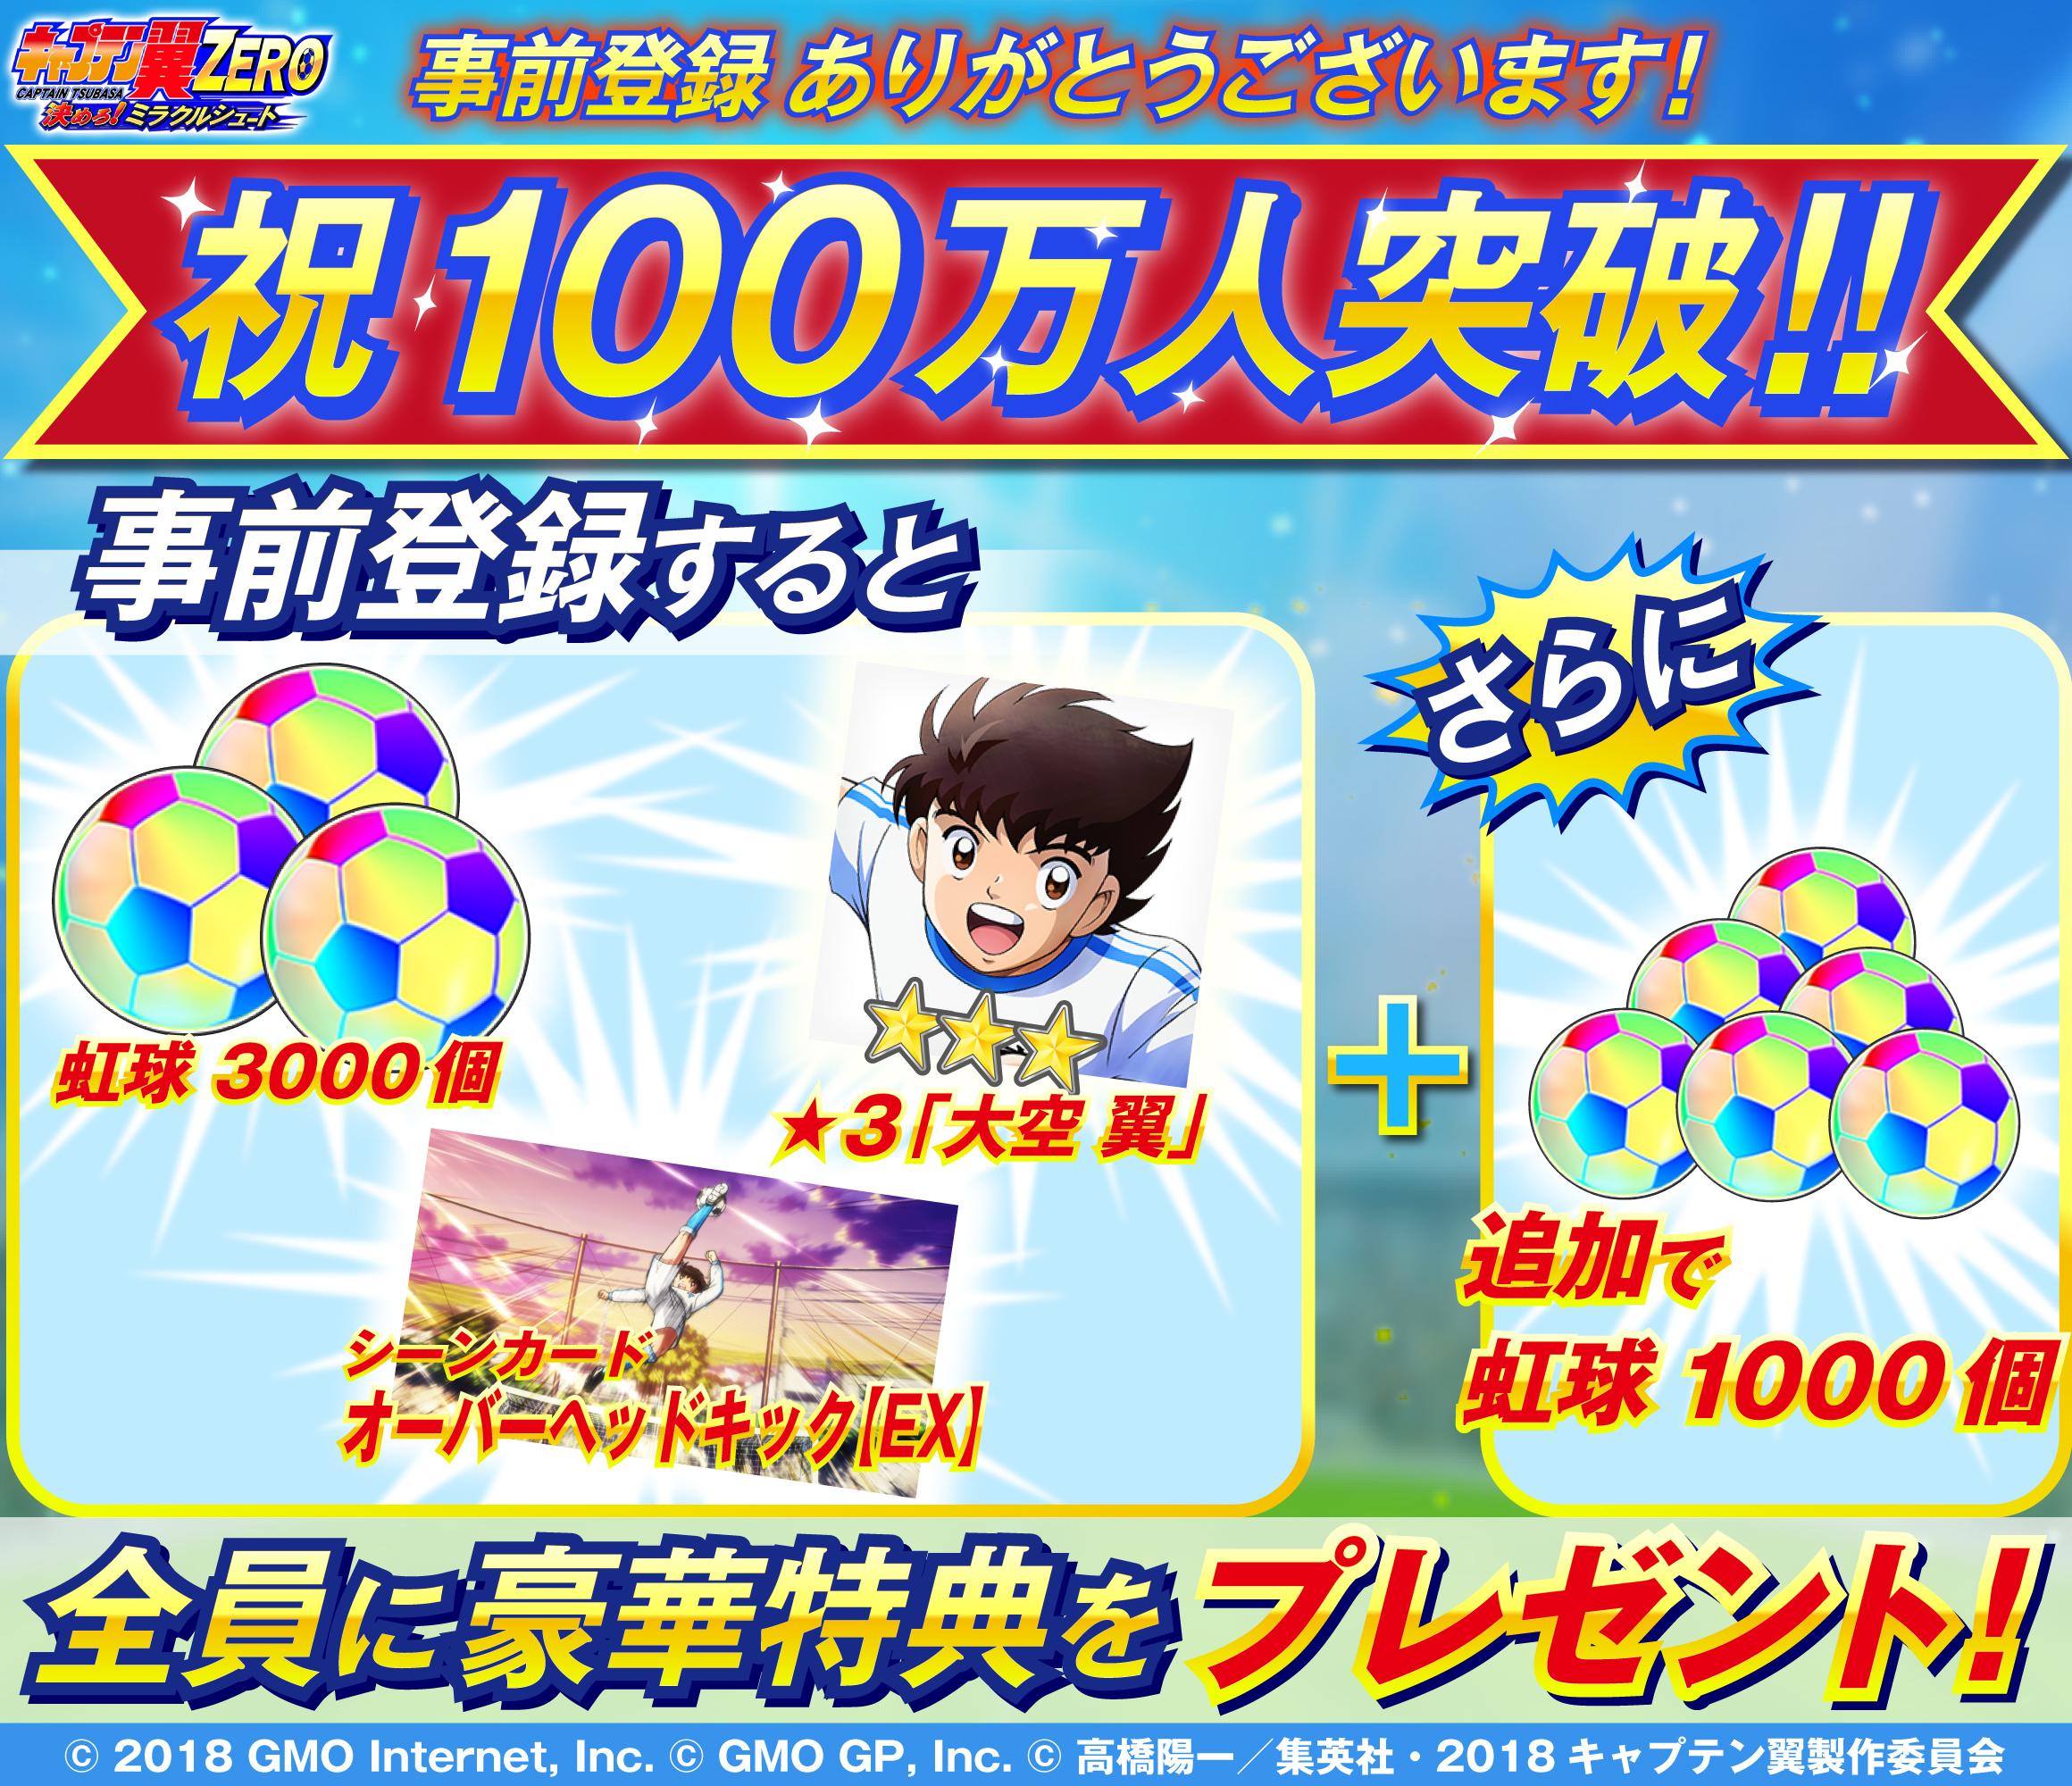 『キャプテン翼ZERO』事前登録者100万人突破で事前登録特典を追加!